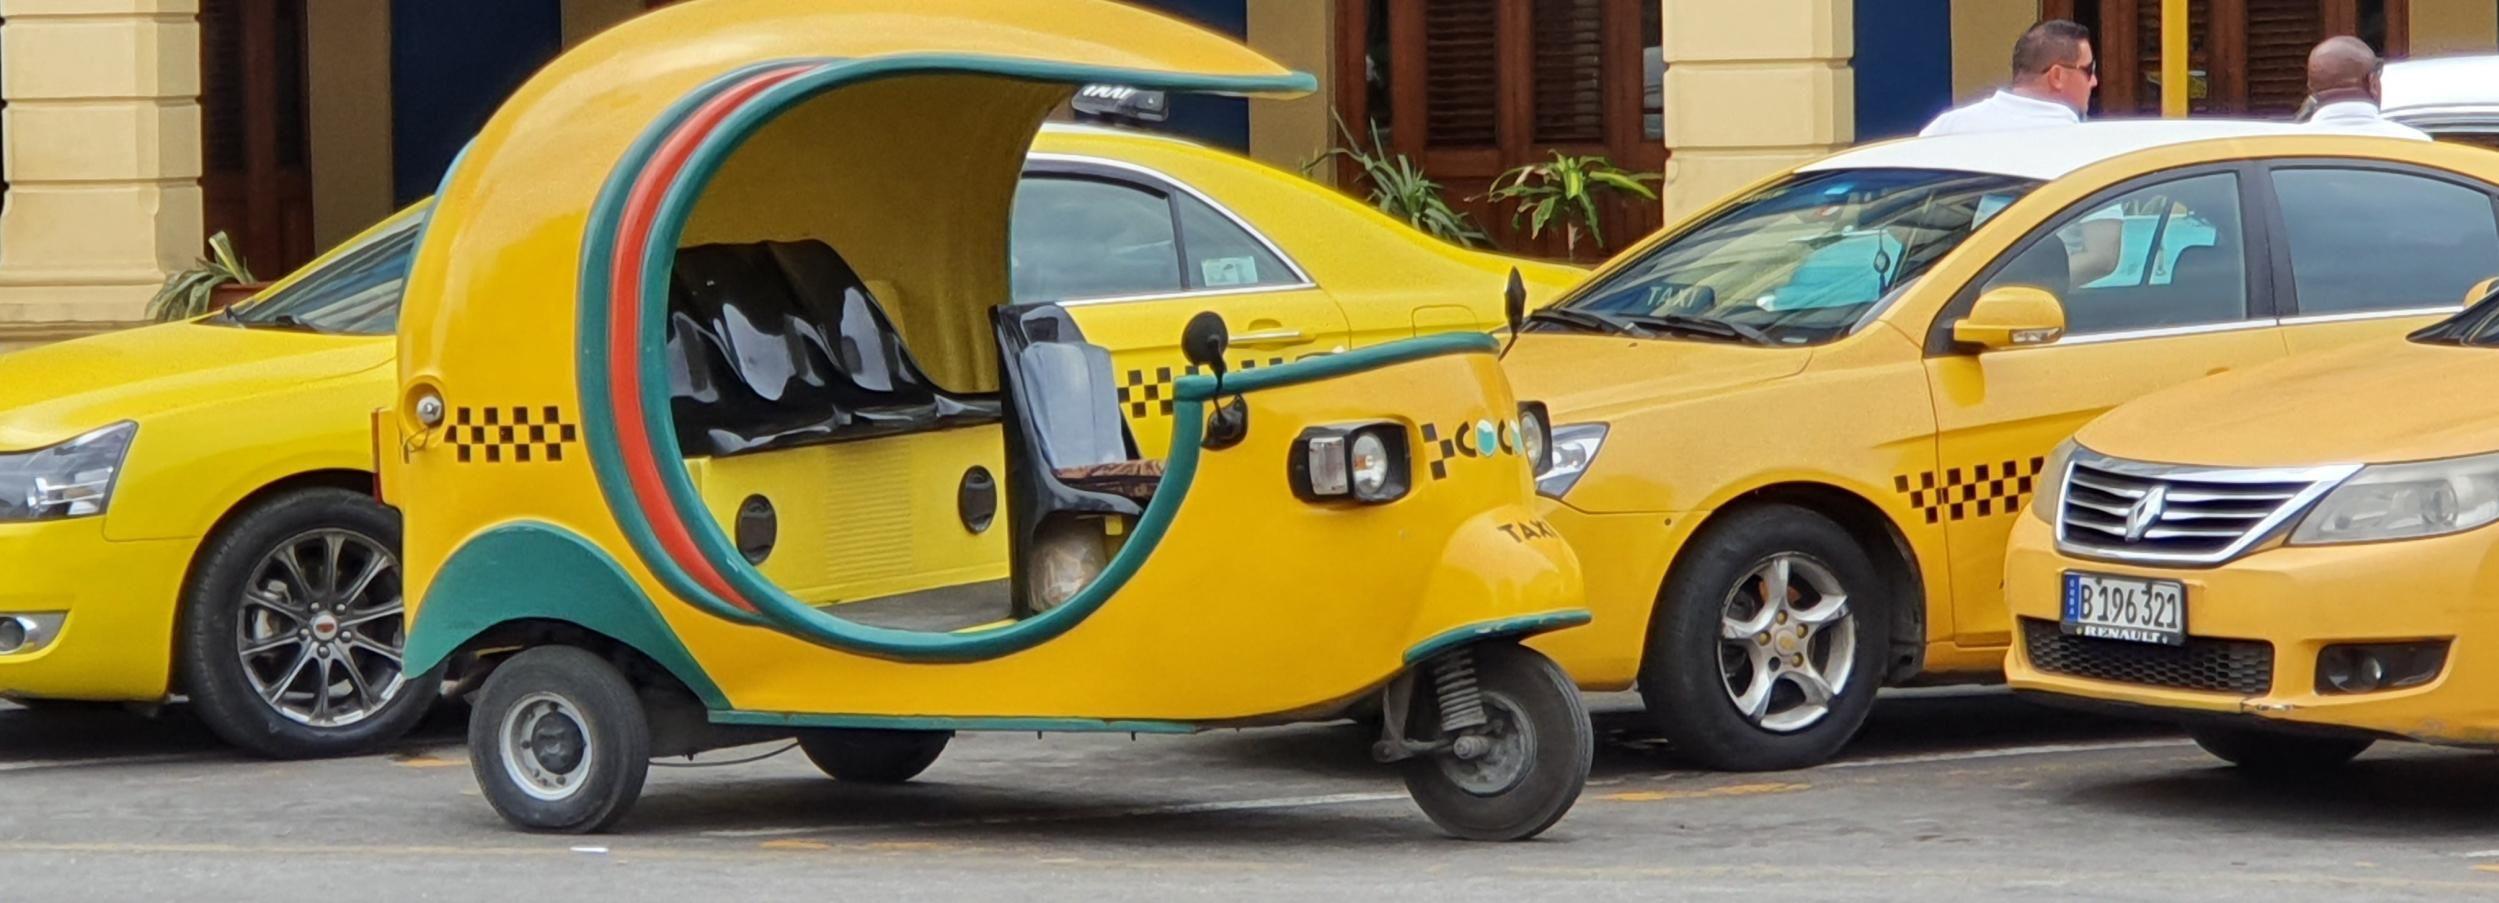 Le Havane: découverte la vieille ville à pied et coco-taxi